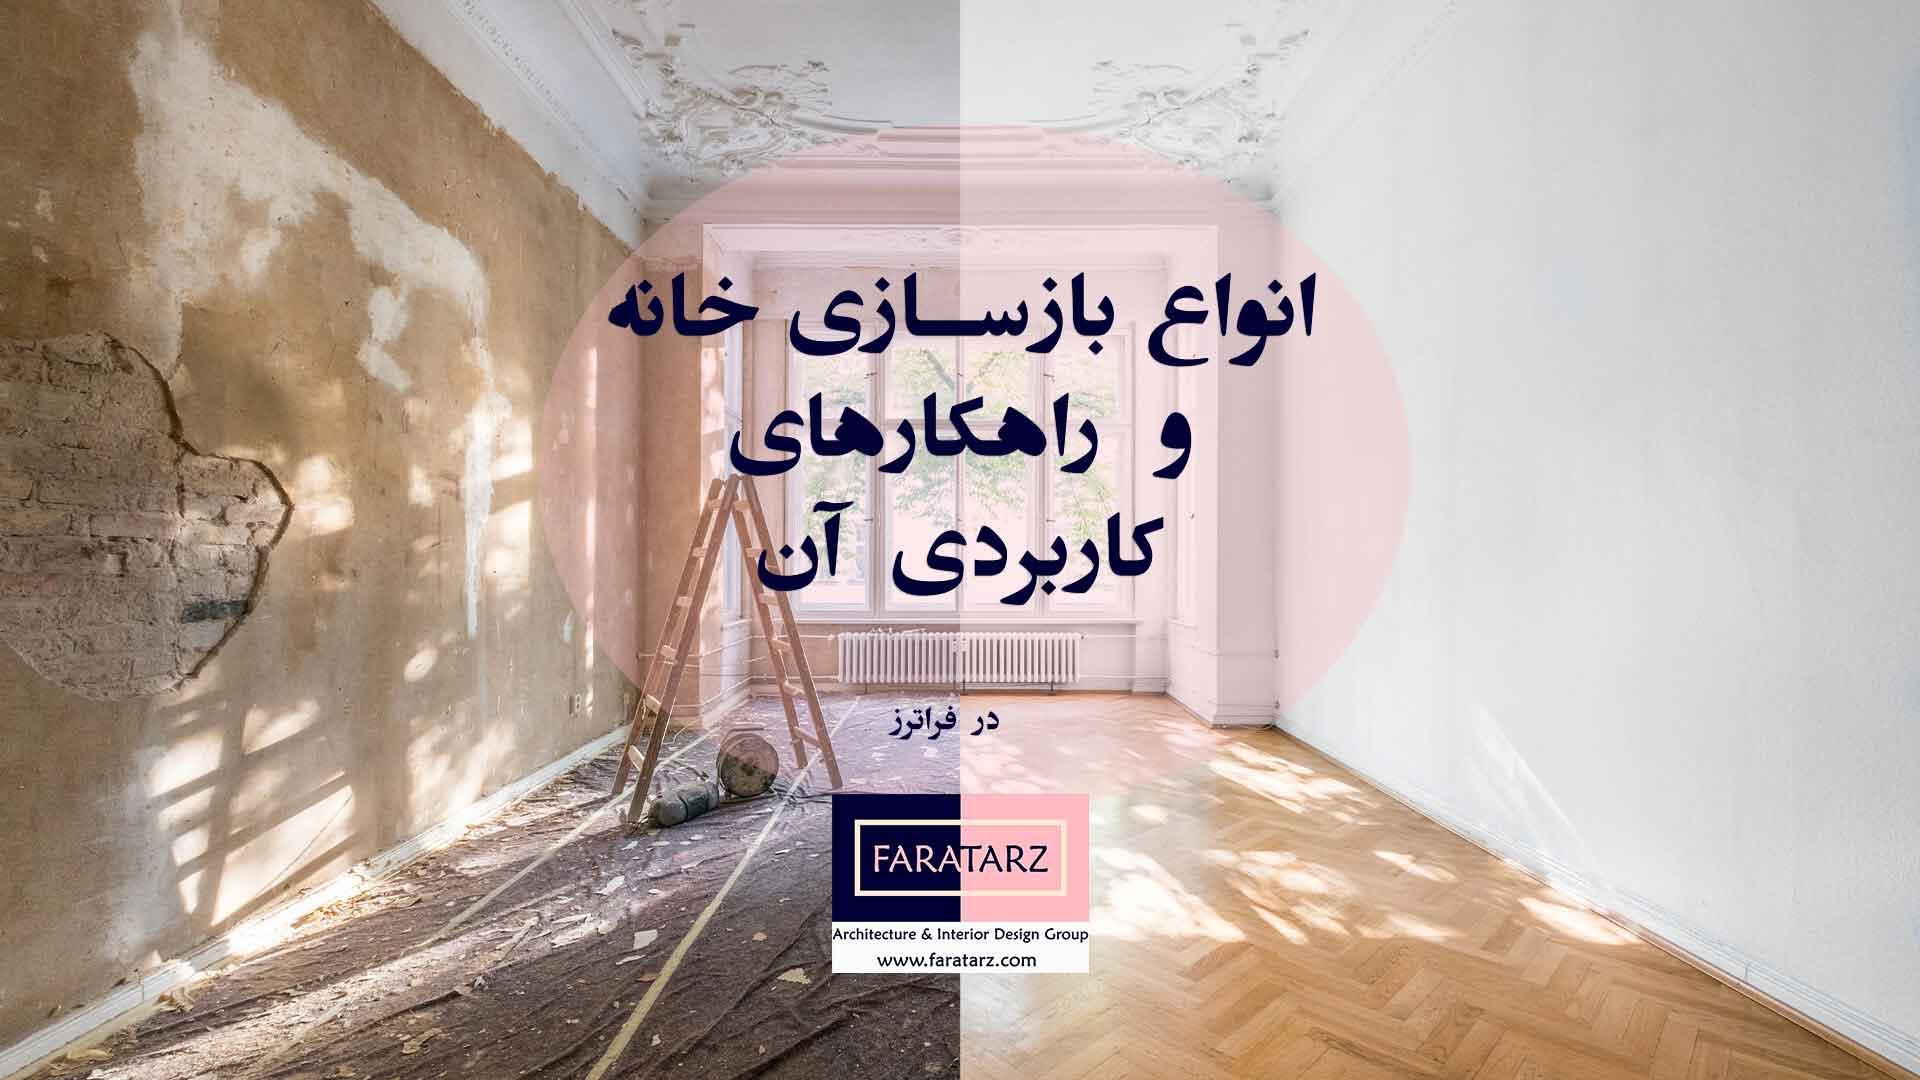 انواع بازسازی خانه و آپارتمان و راهکارهای آن